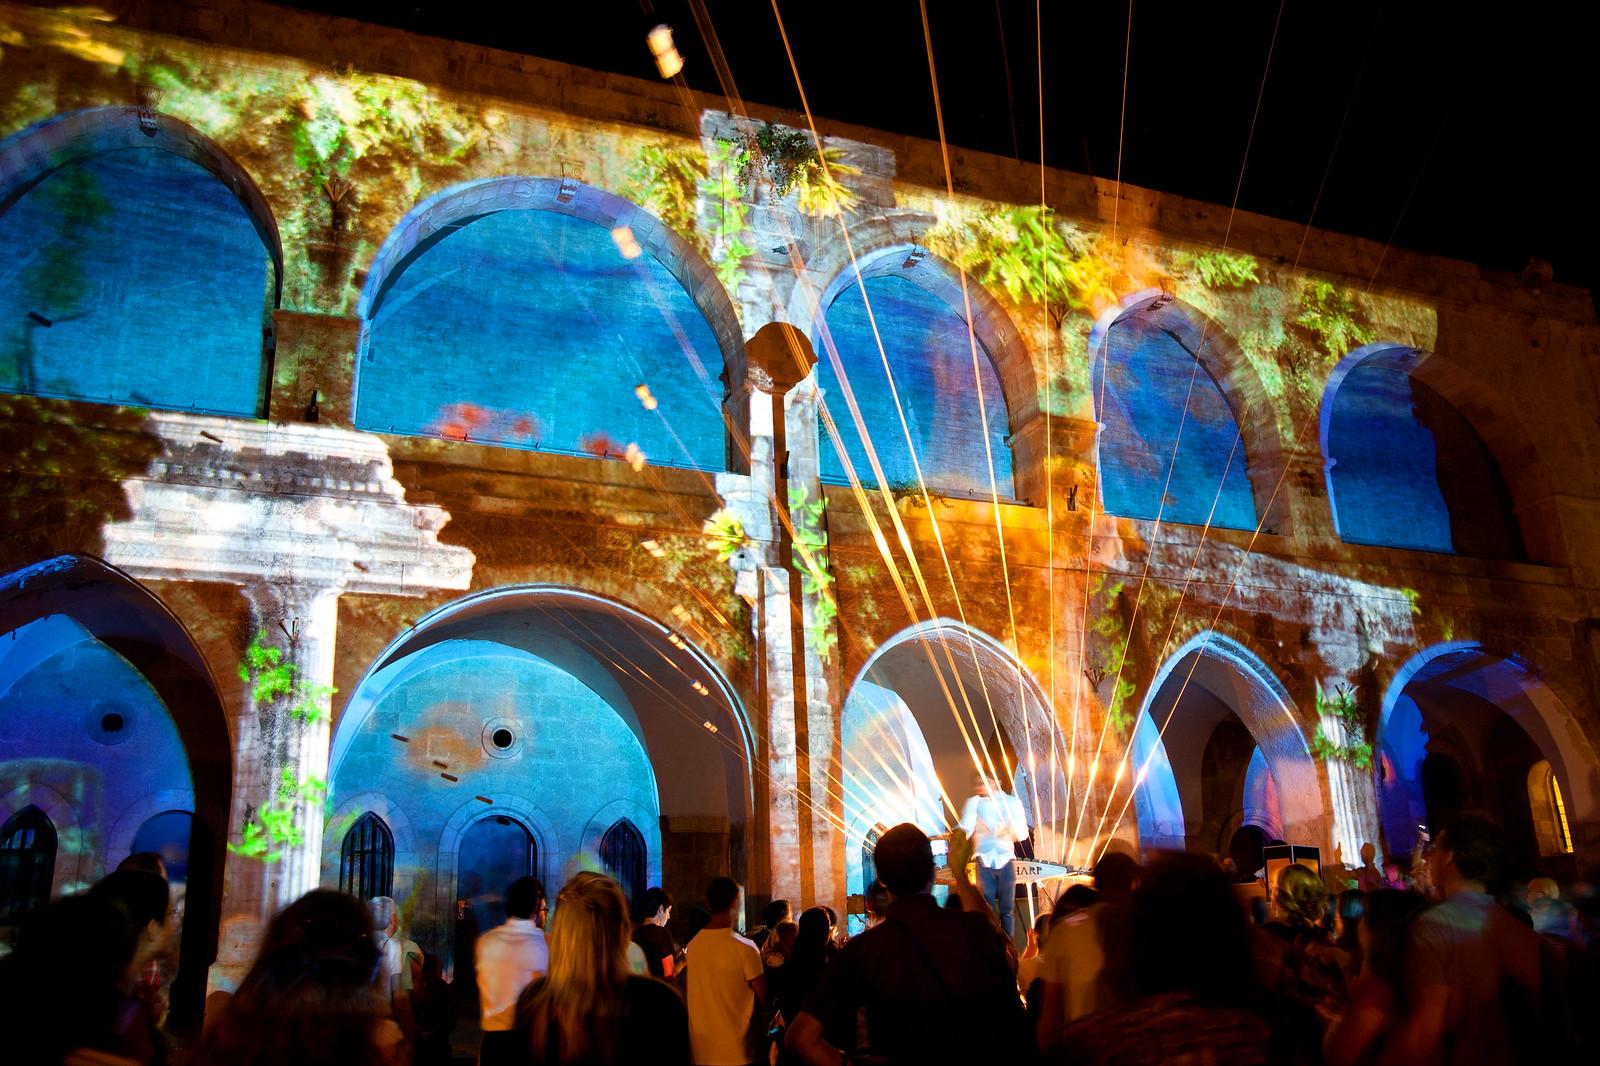 Jerusalem_Festival of Light_Old City_3_Noam Chen_IMOT